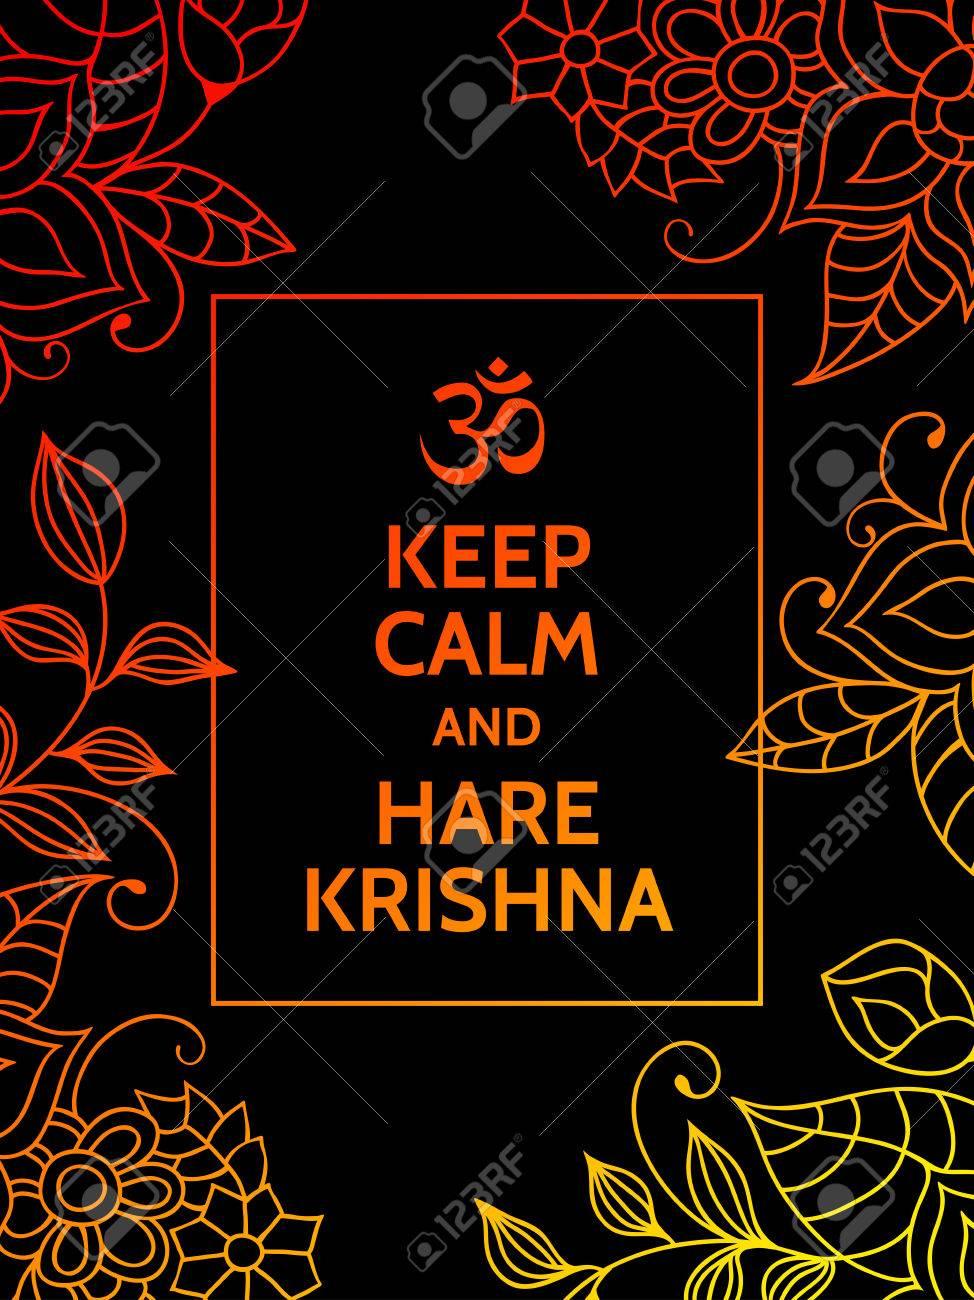 Mantenga La Calma Y Hare Krishna Mantra Yoga Cartel De La Tipografía De Motivación Sobre Fondo Negro Con Coloridos Naranja Y Estampado De Flores De